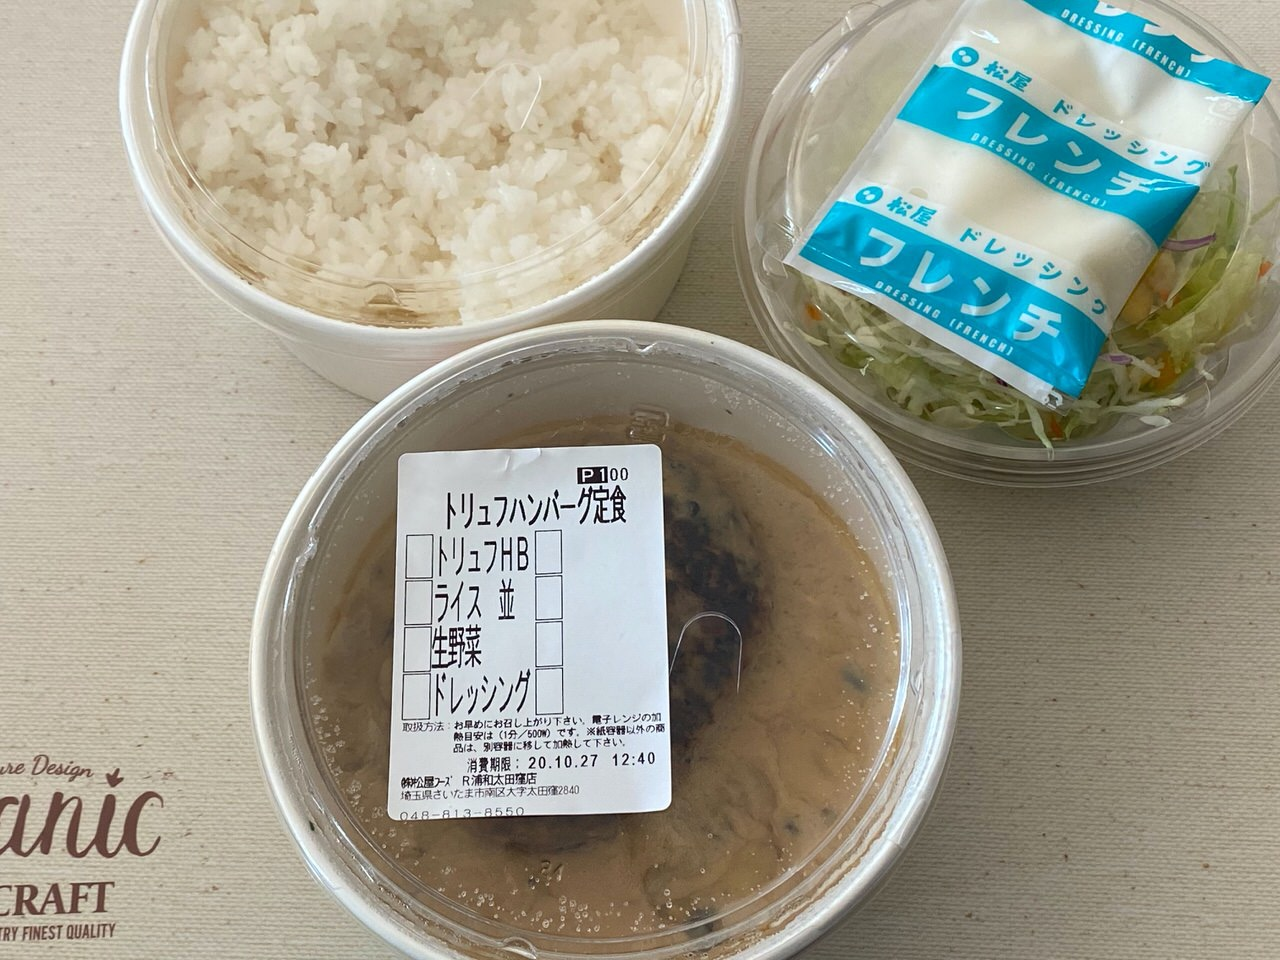 【松屋】「黒トリュフソースのビーフハンバーグ定食」3